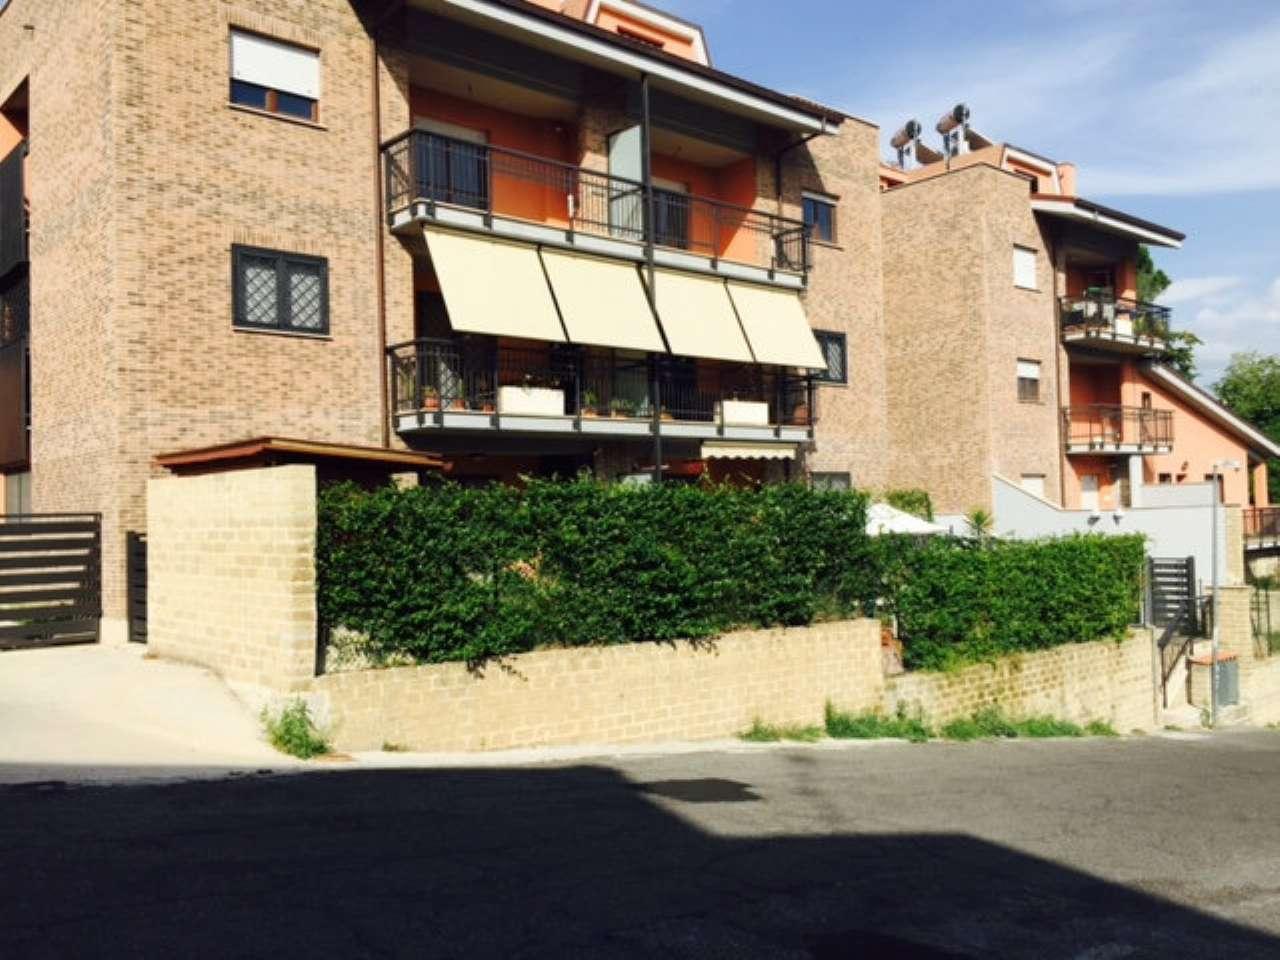 Appartamento in vendita a Castelnuovo di Porto, 9999 locali, prezzo € 79.000 | CambioCasa.it